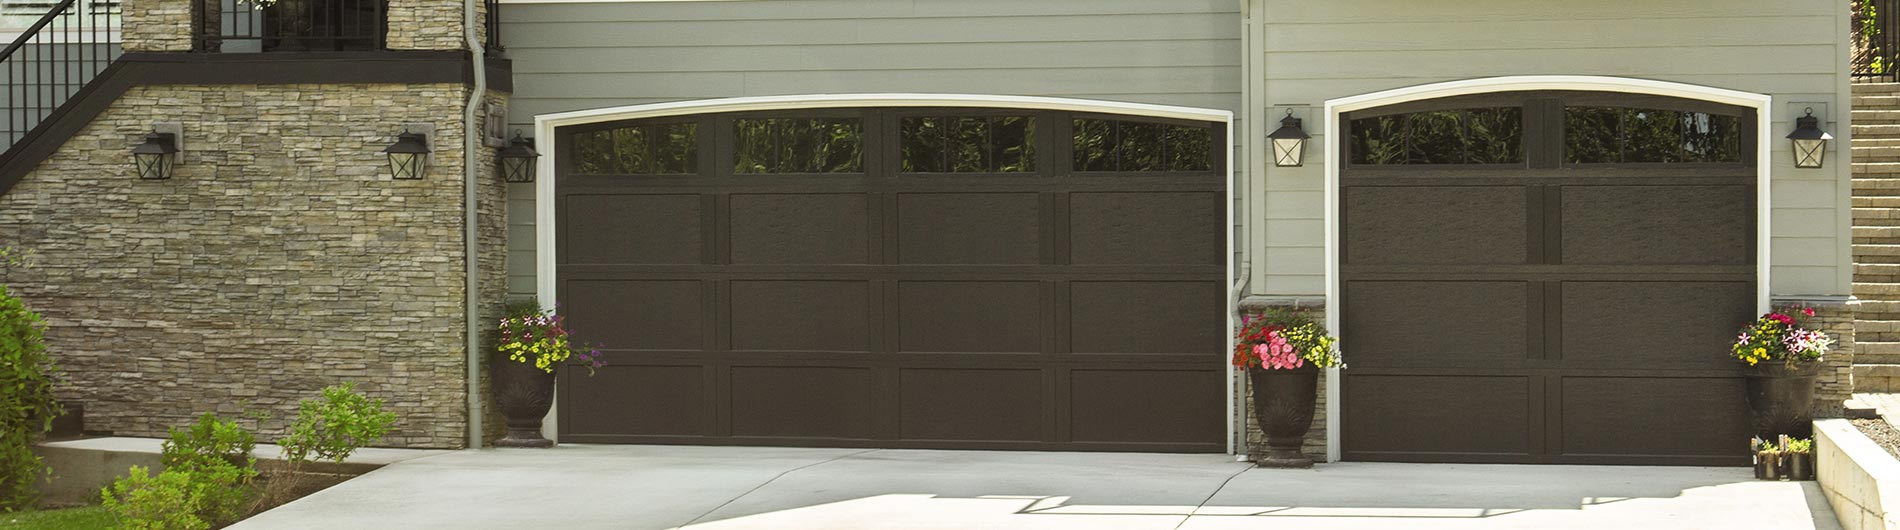 9700-CH-Garage-Door-Westfield-Mahogany-P